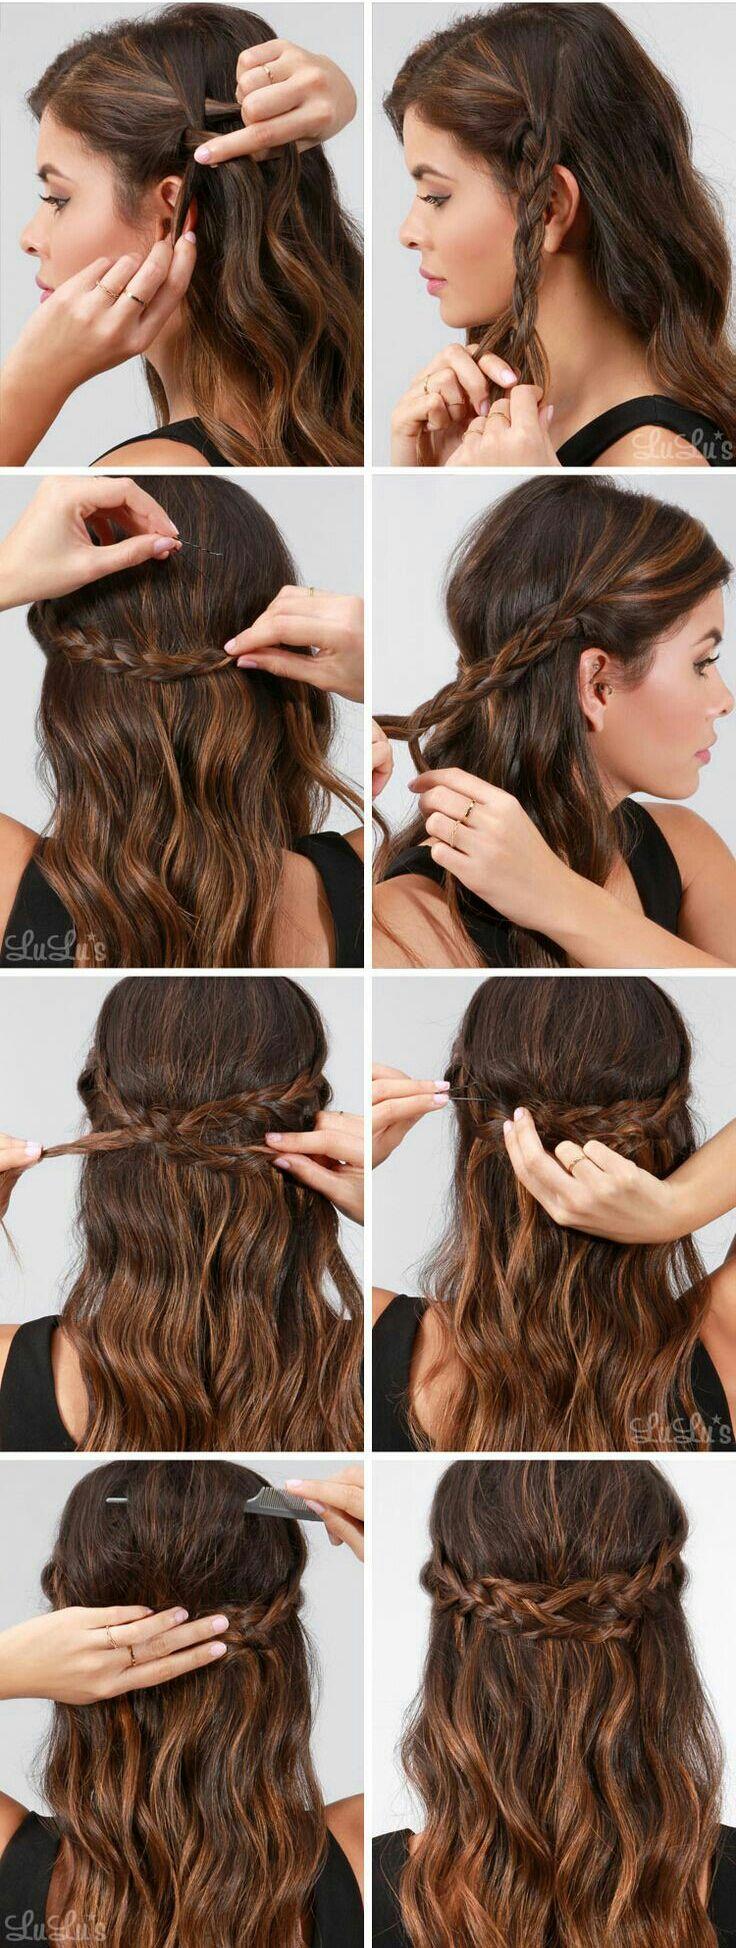 los peinados fciles ideales para cualquier ocasin logrars hacerlos en tan slo unos